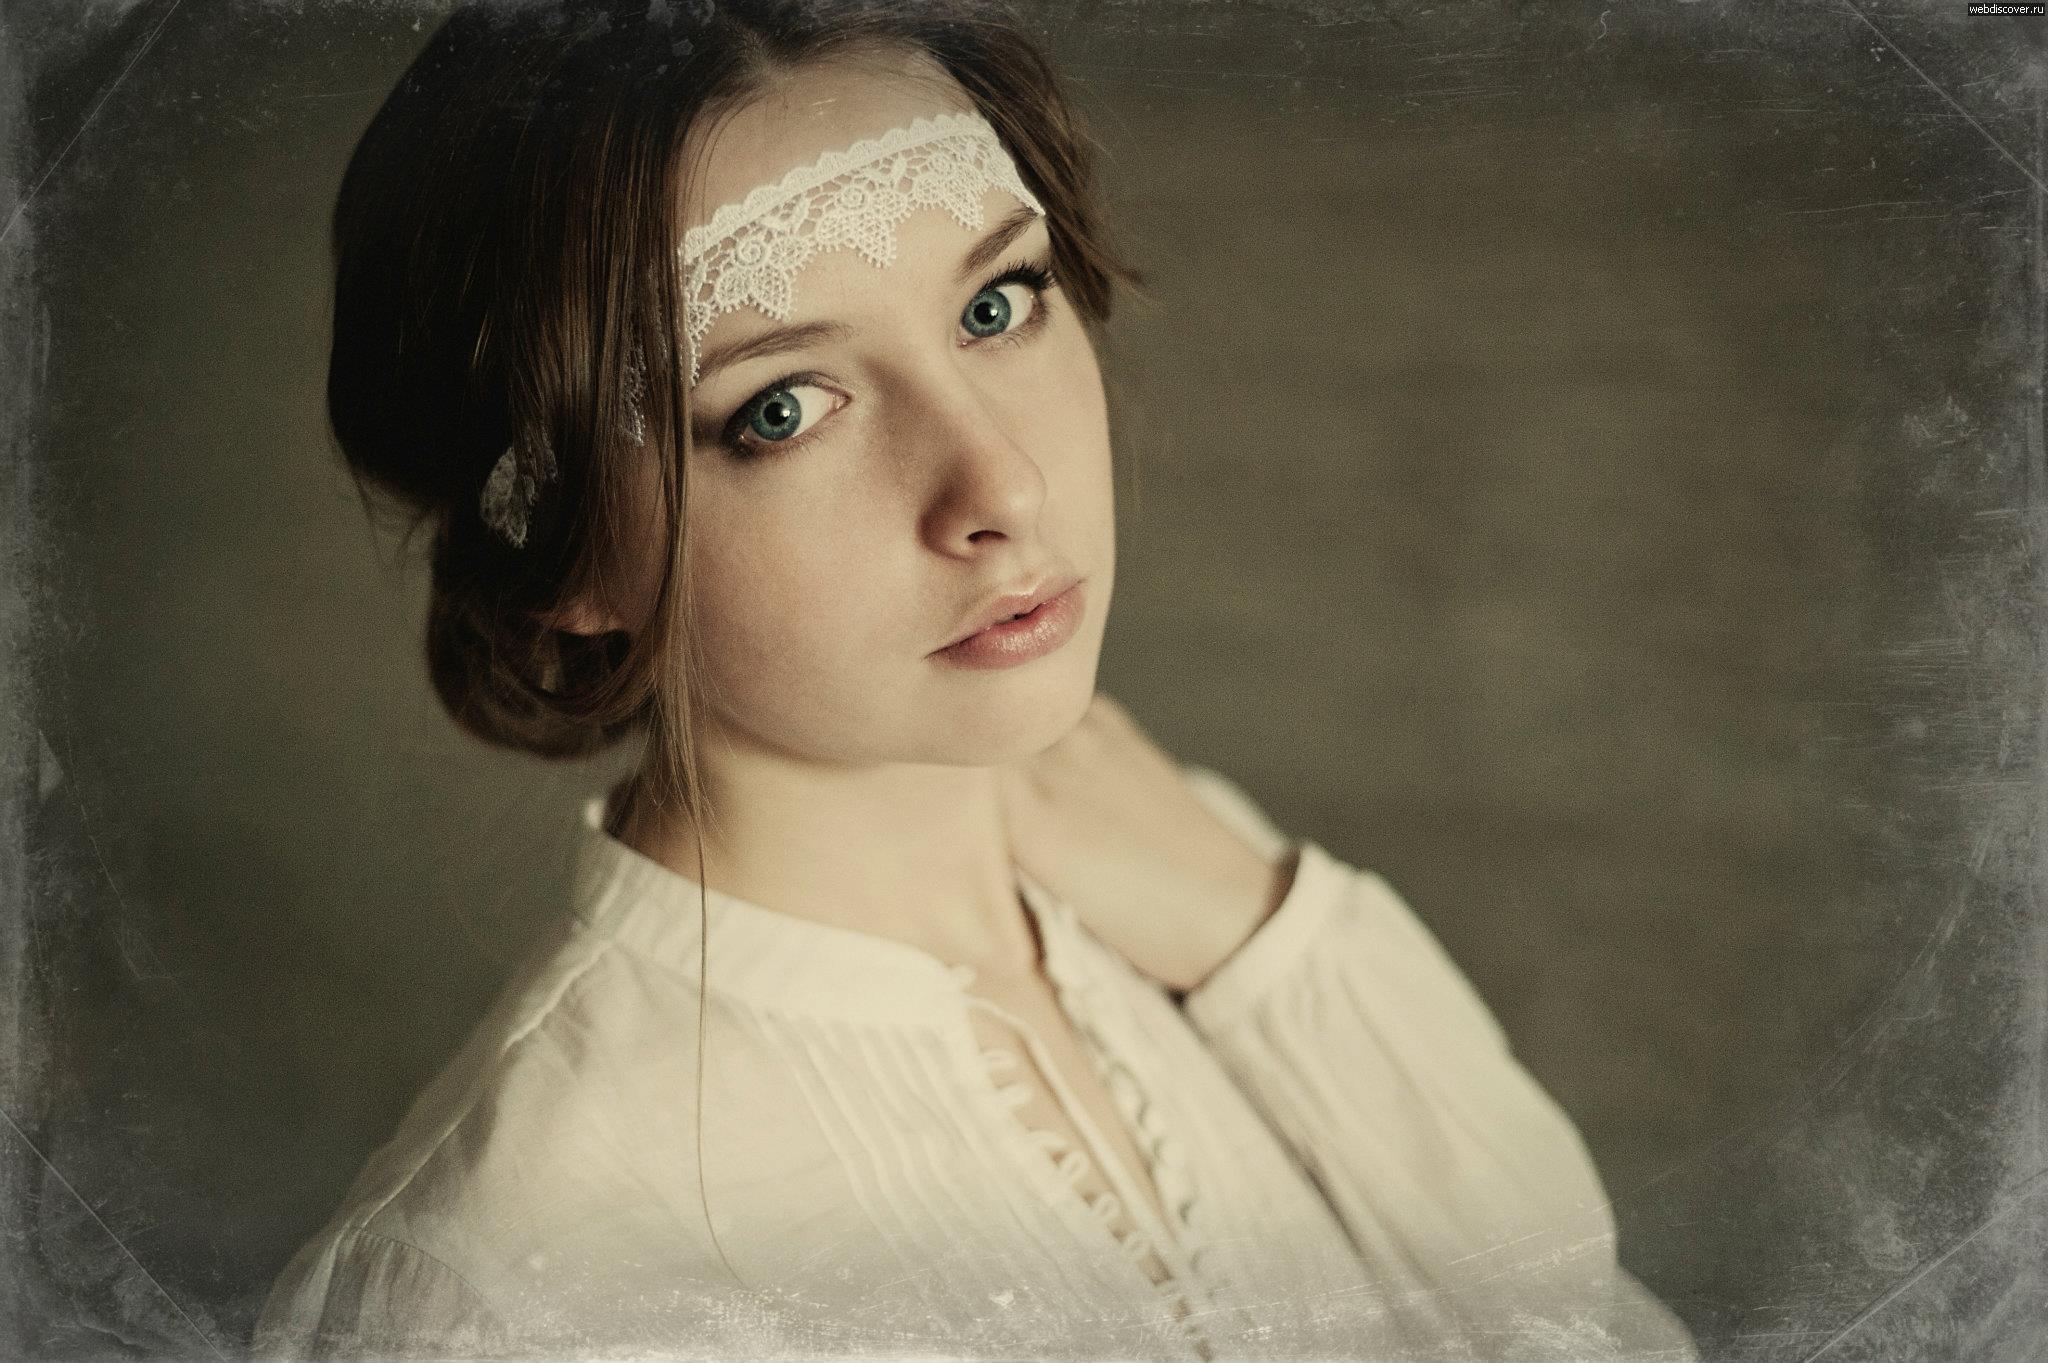 Свет мой, зеркальце, скажи: 75% россиянок считают себя красавицами